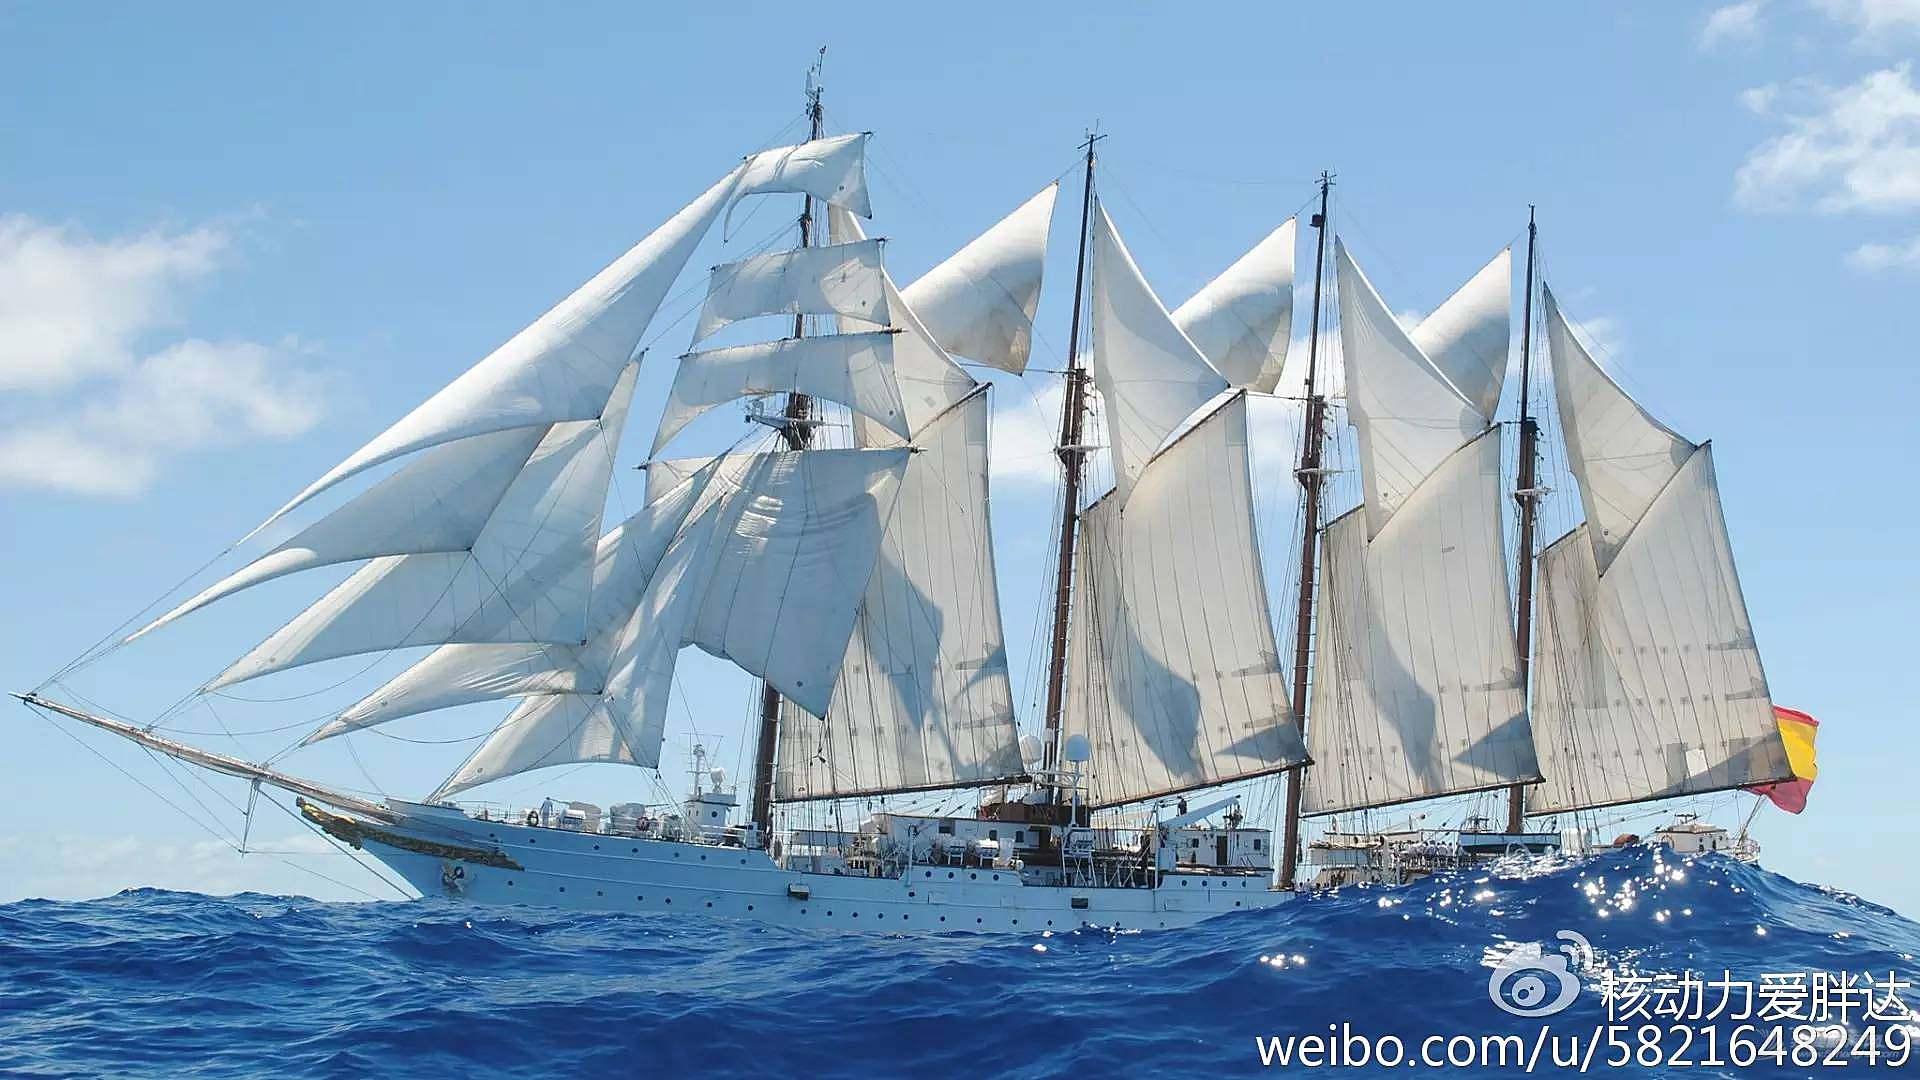 彪炳史册的风帆战舰按原图重建了!快看他们在海上长啥样?